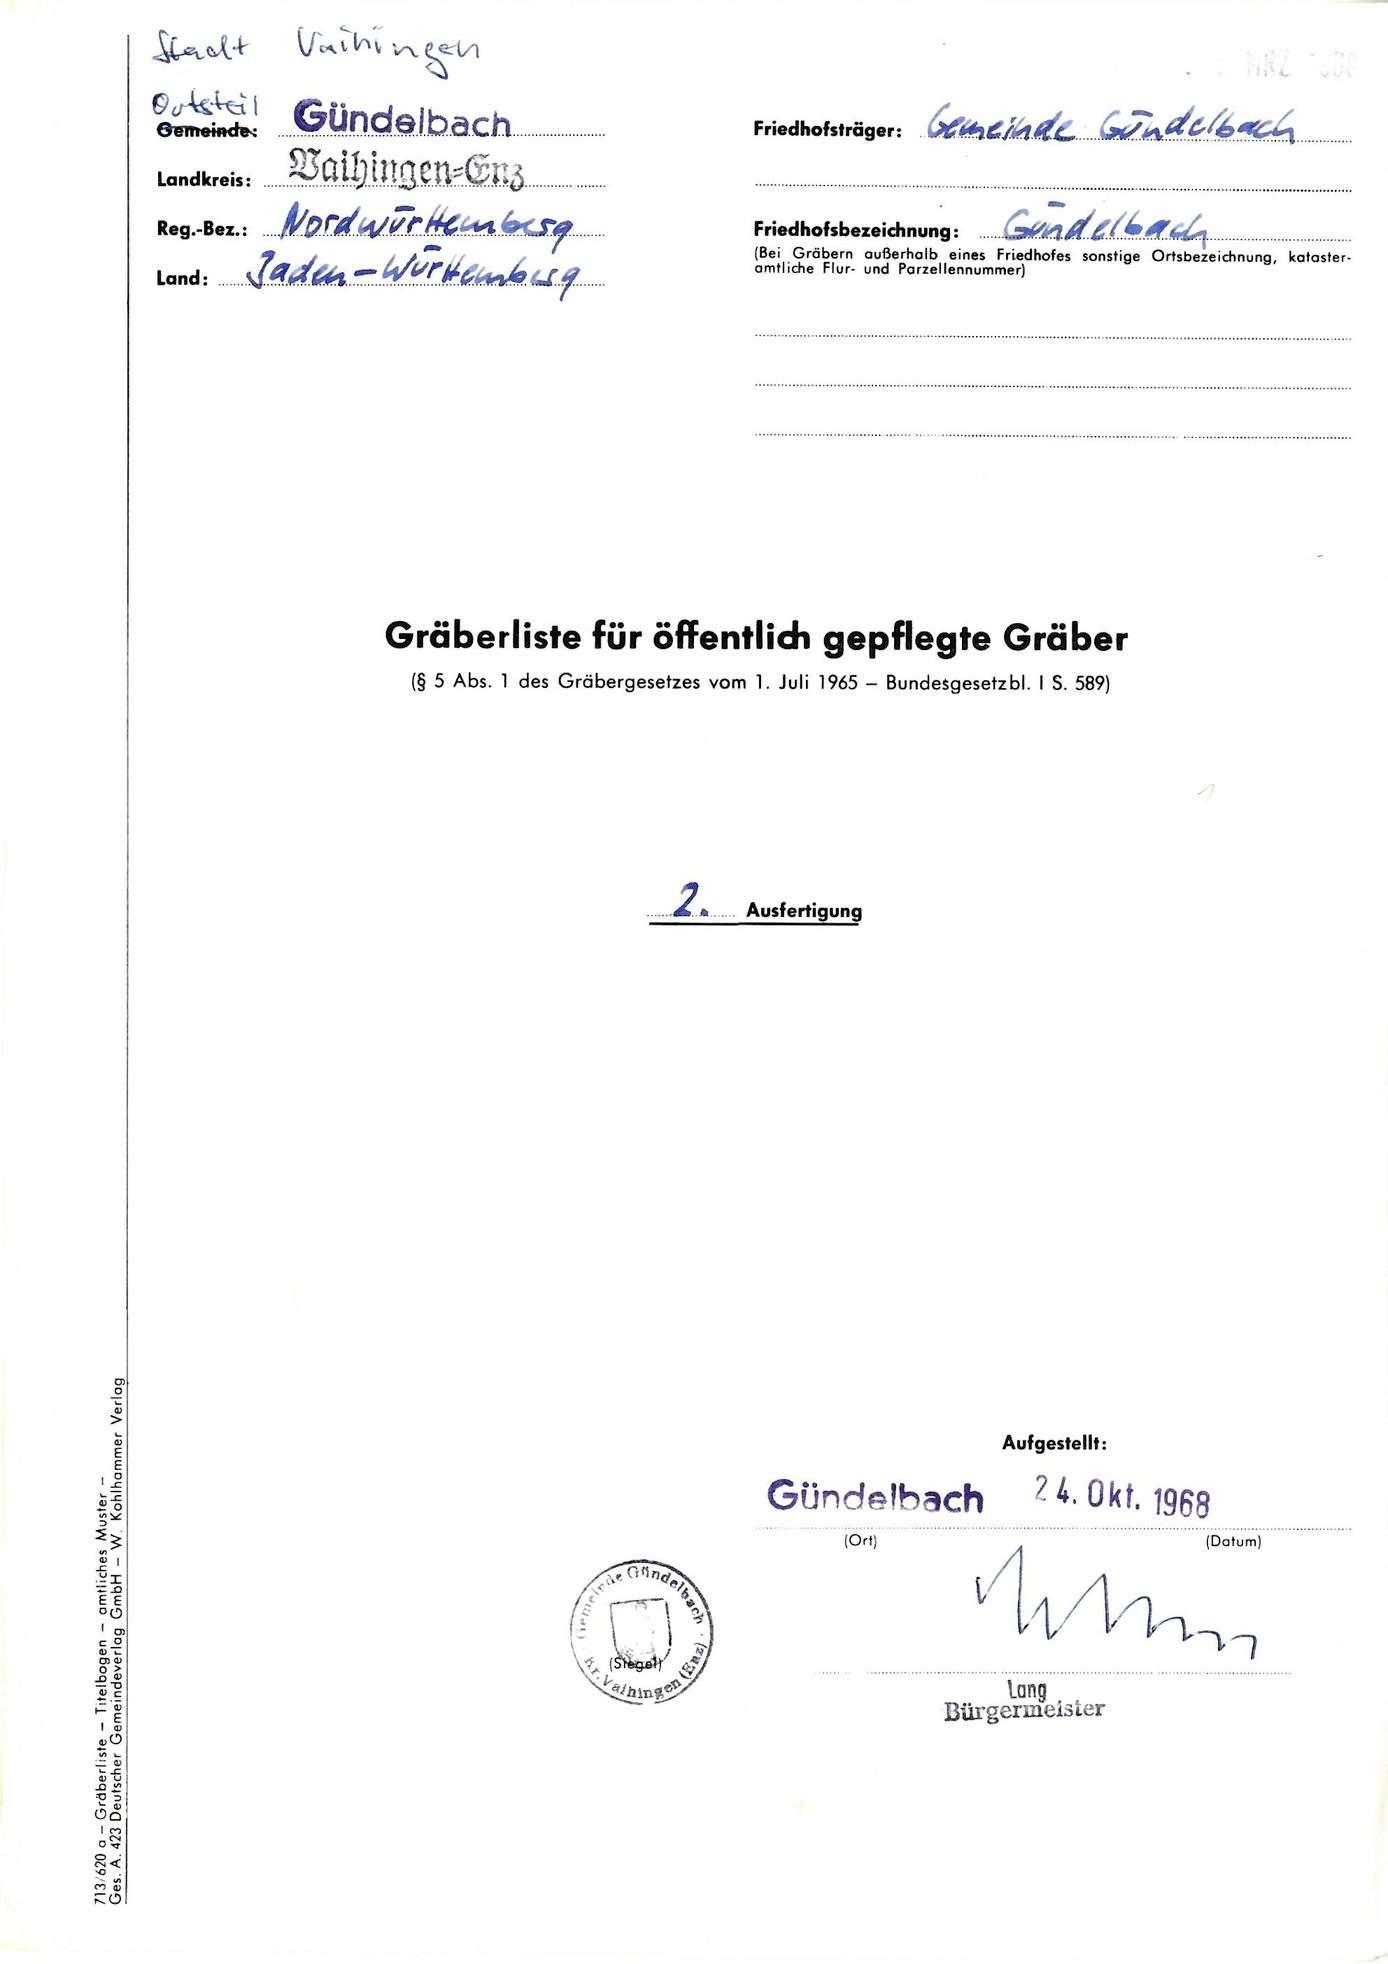 Gündelbach, Bild 1